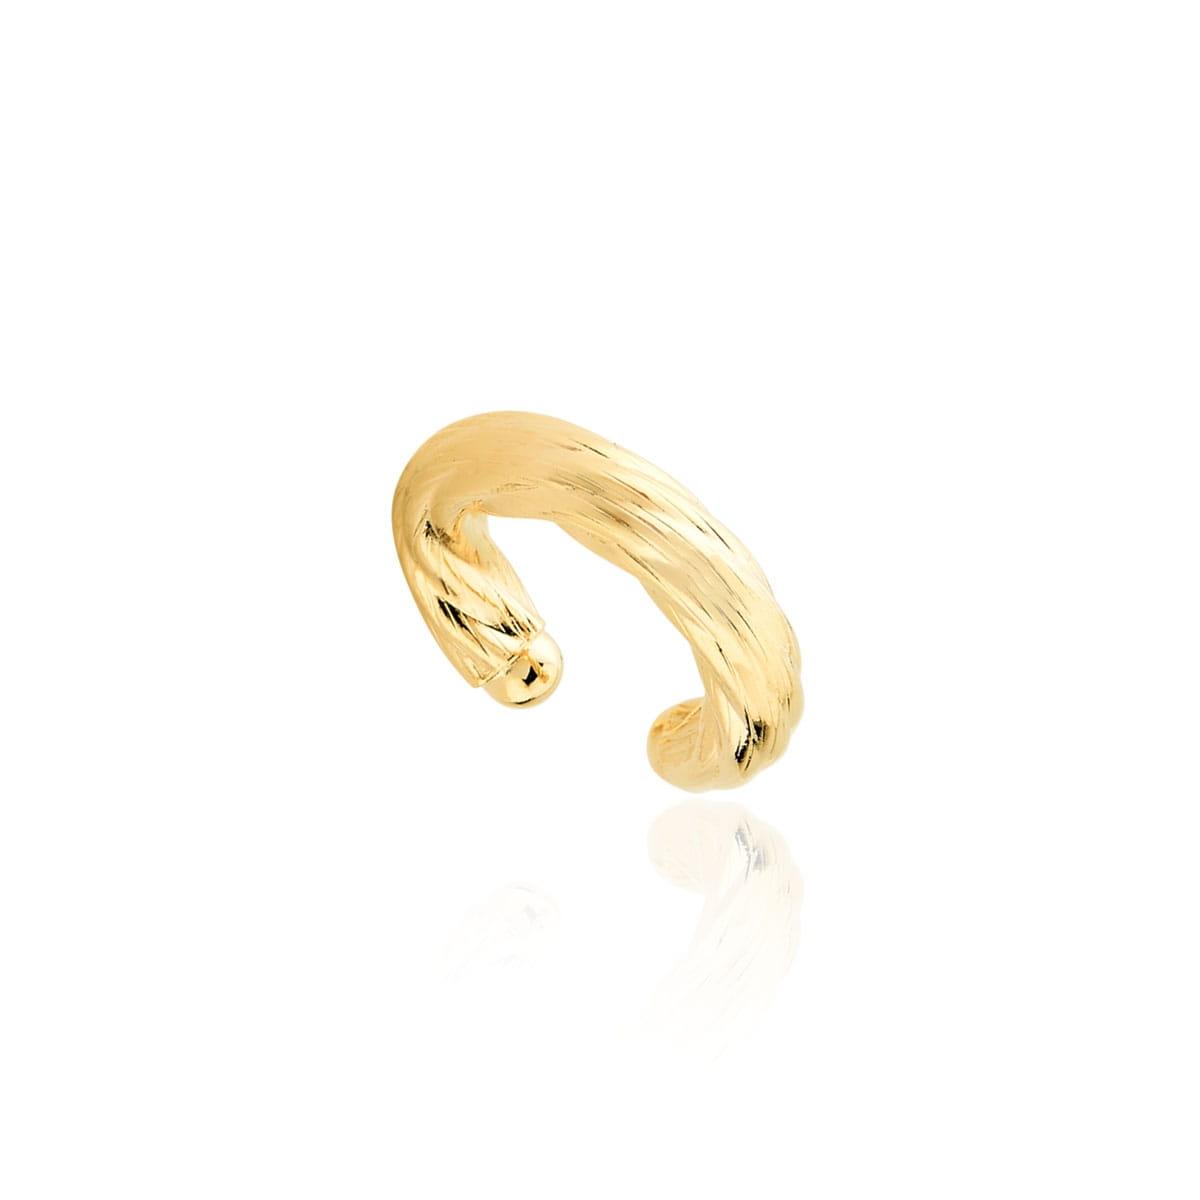 Piercing trançado folheado a ouro